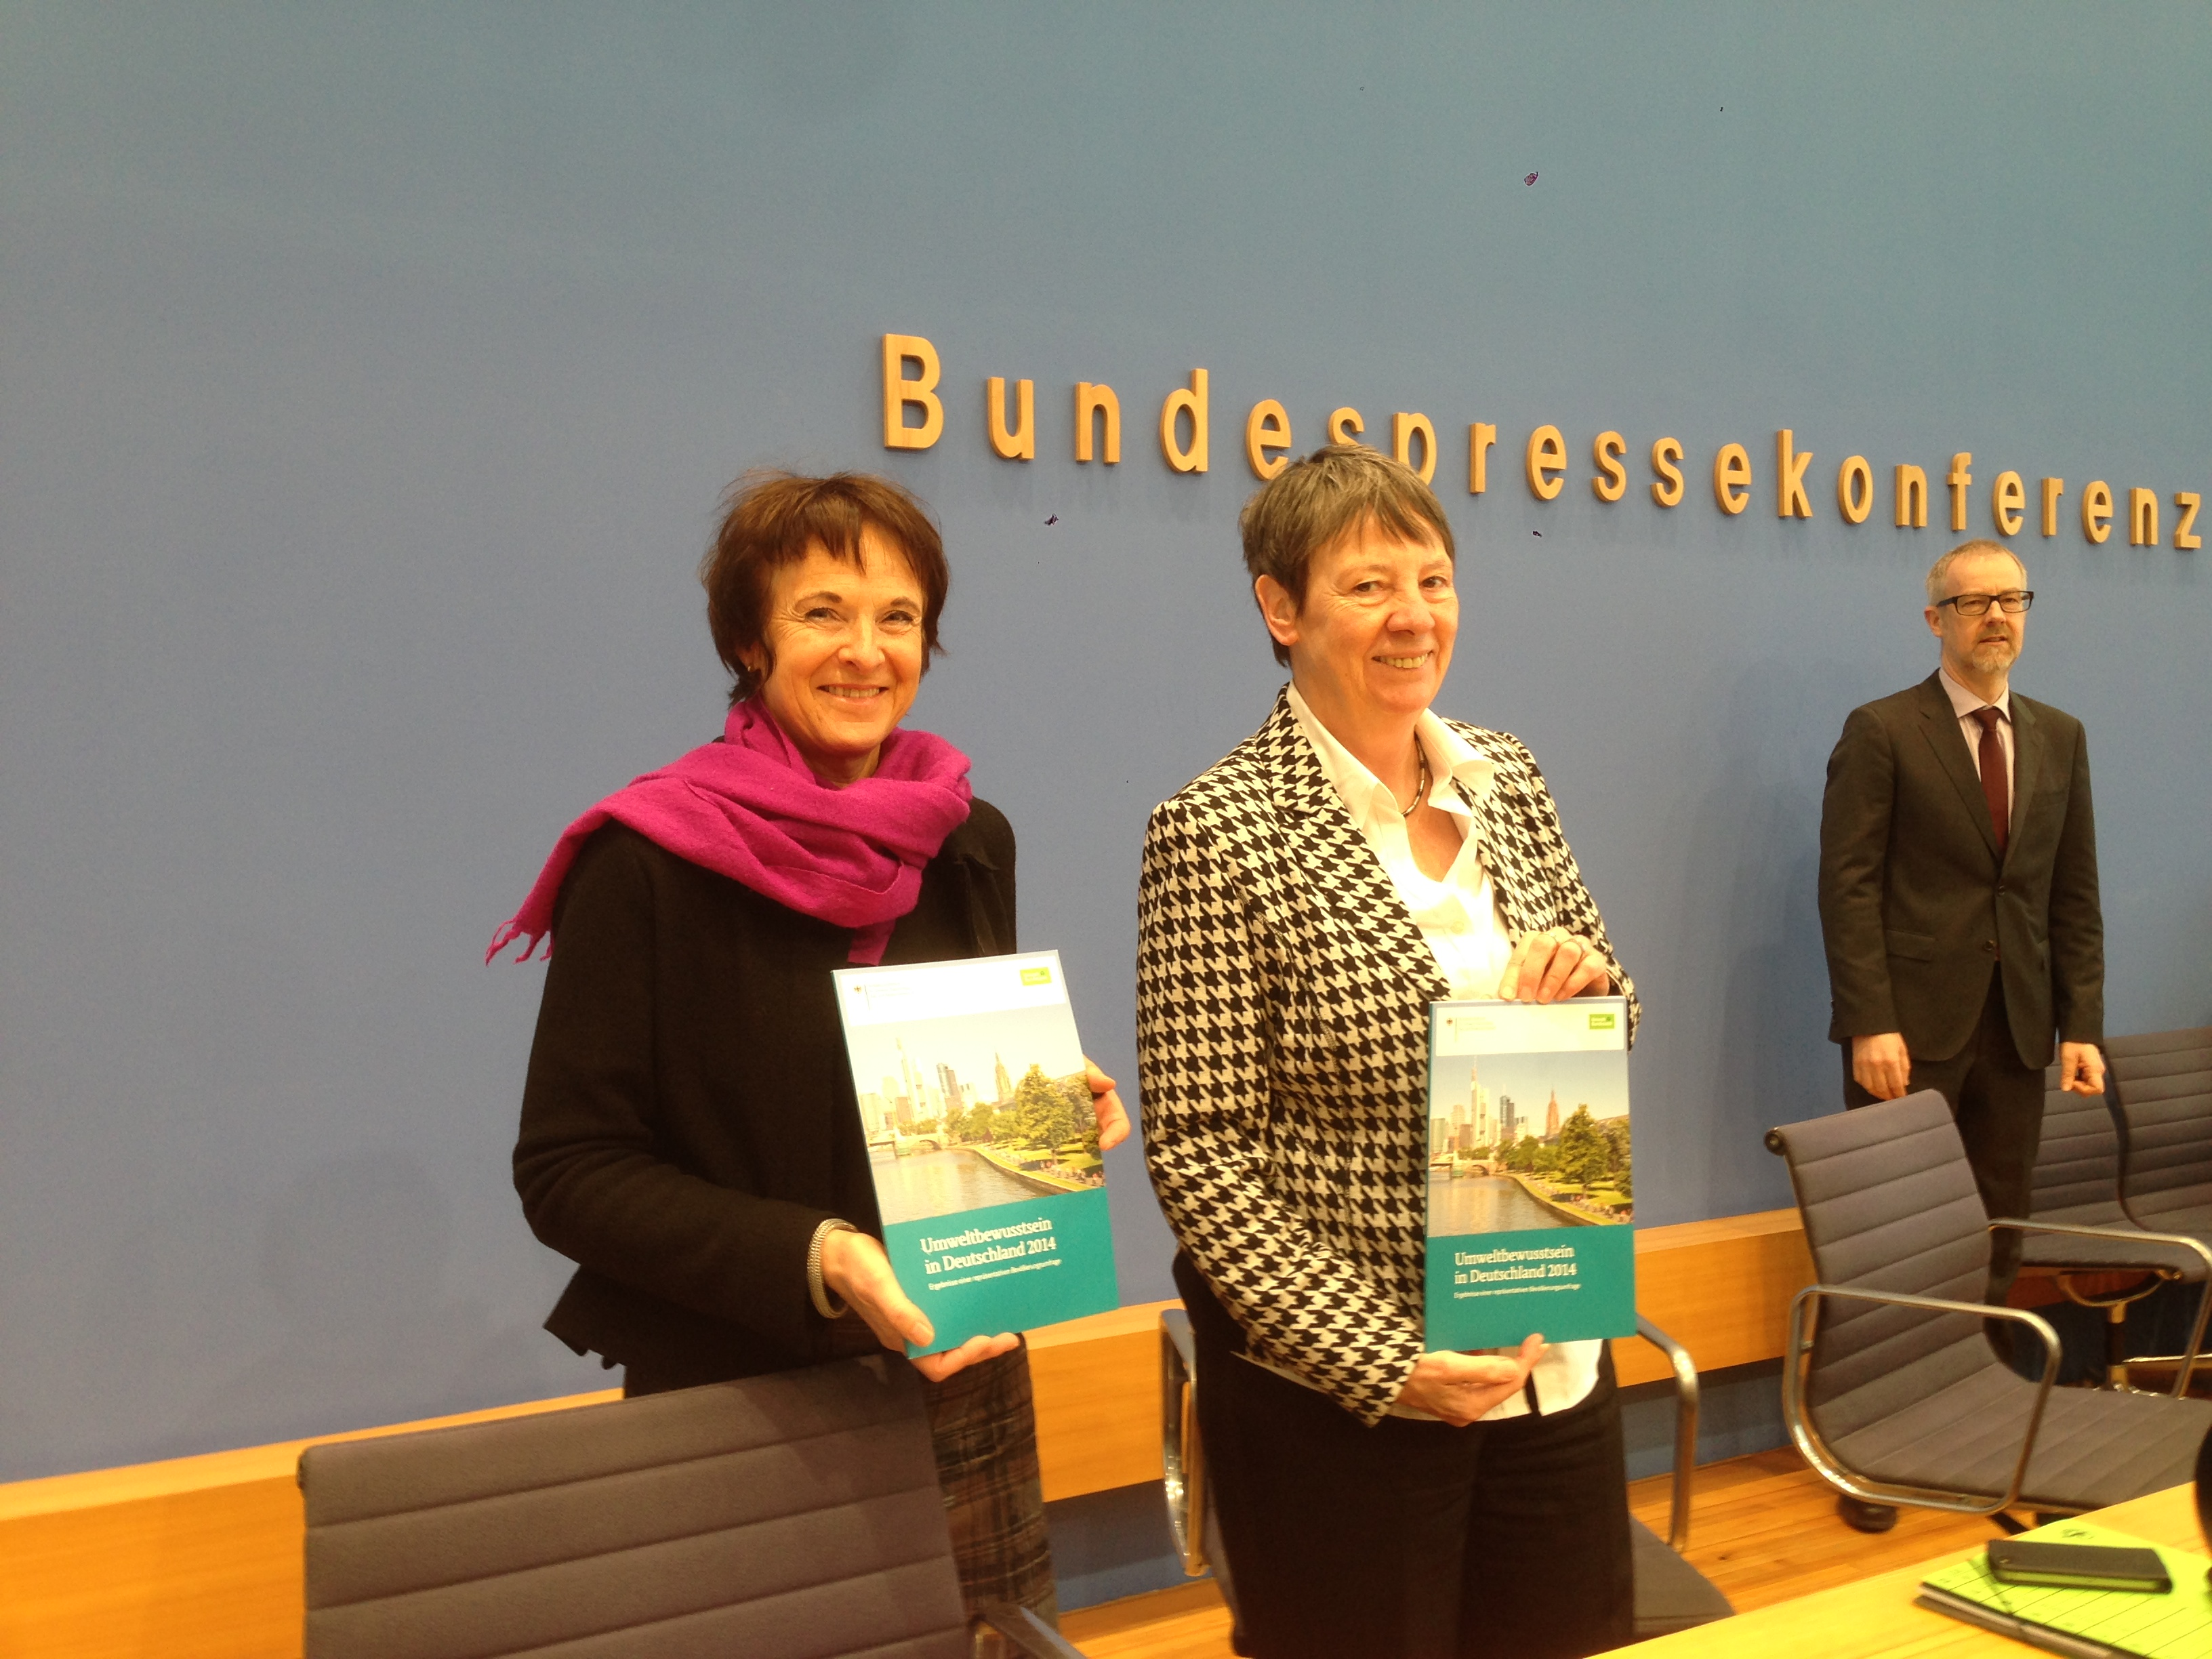 Barbara Hendricks und Maria Krautzberger stellen die Umweltbewusstseinsstudie 2014 vor